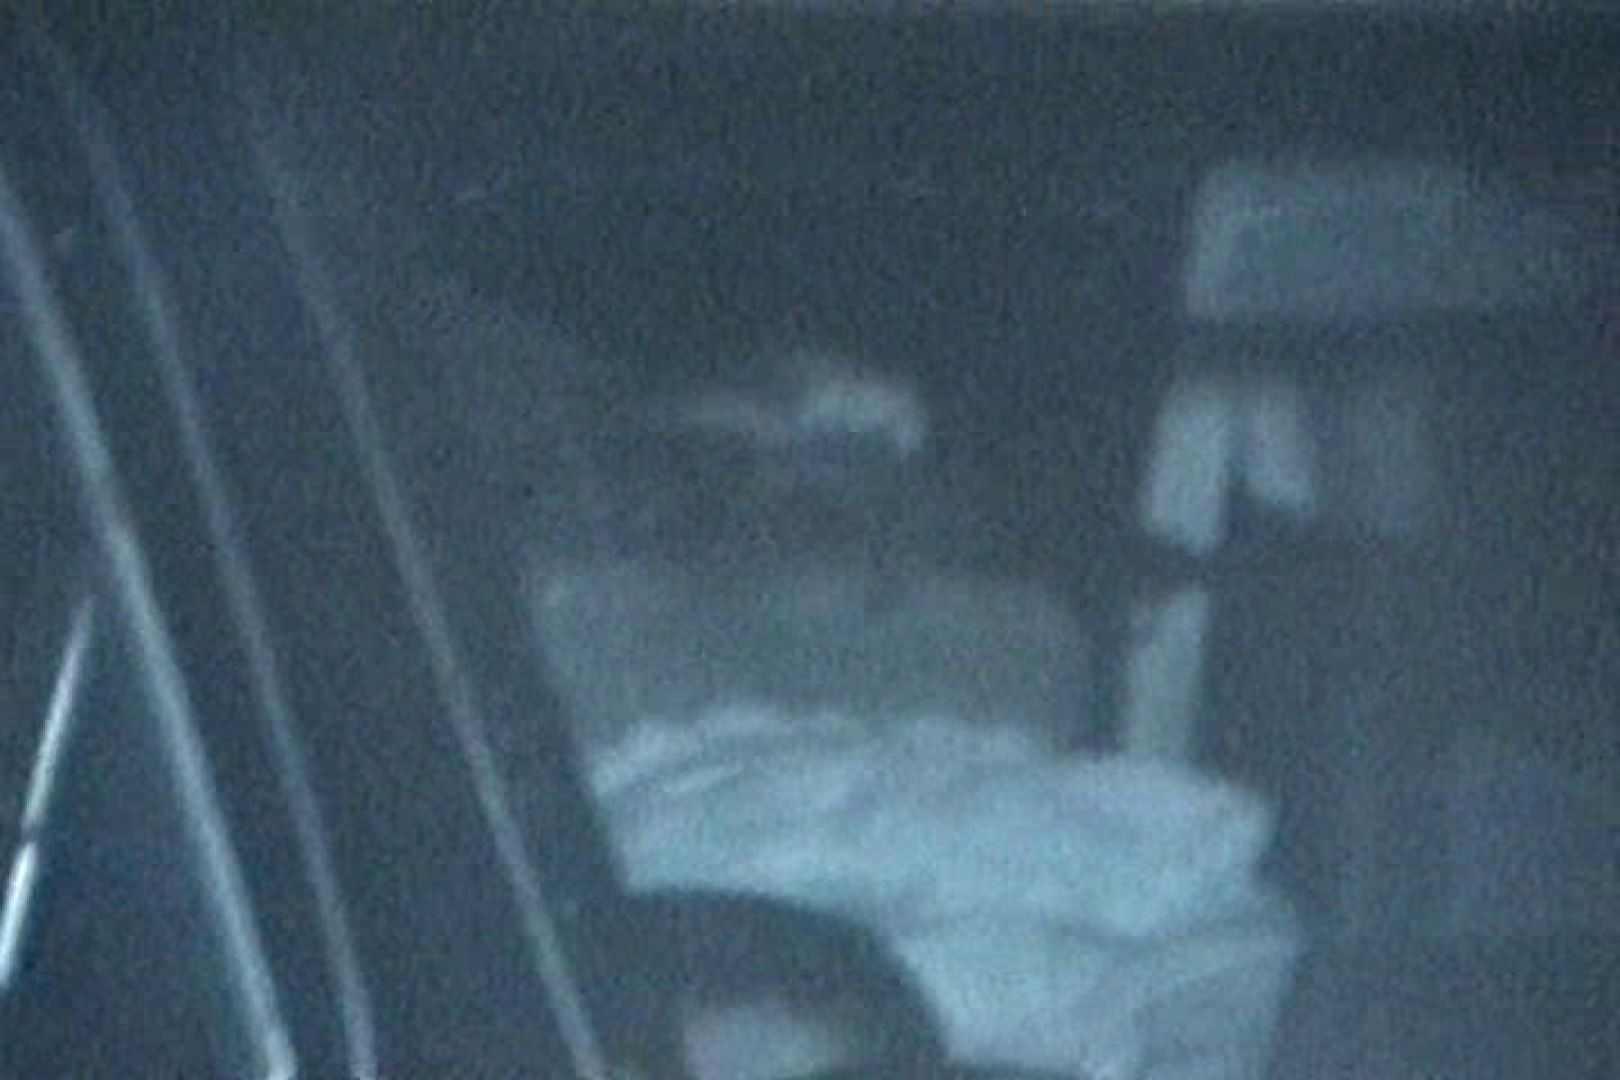 充血監督の深夜の運動会Vol.146 ハプニング SEX無修正画像 95連発 41